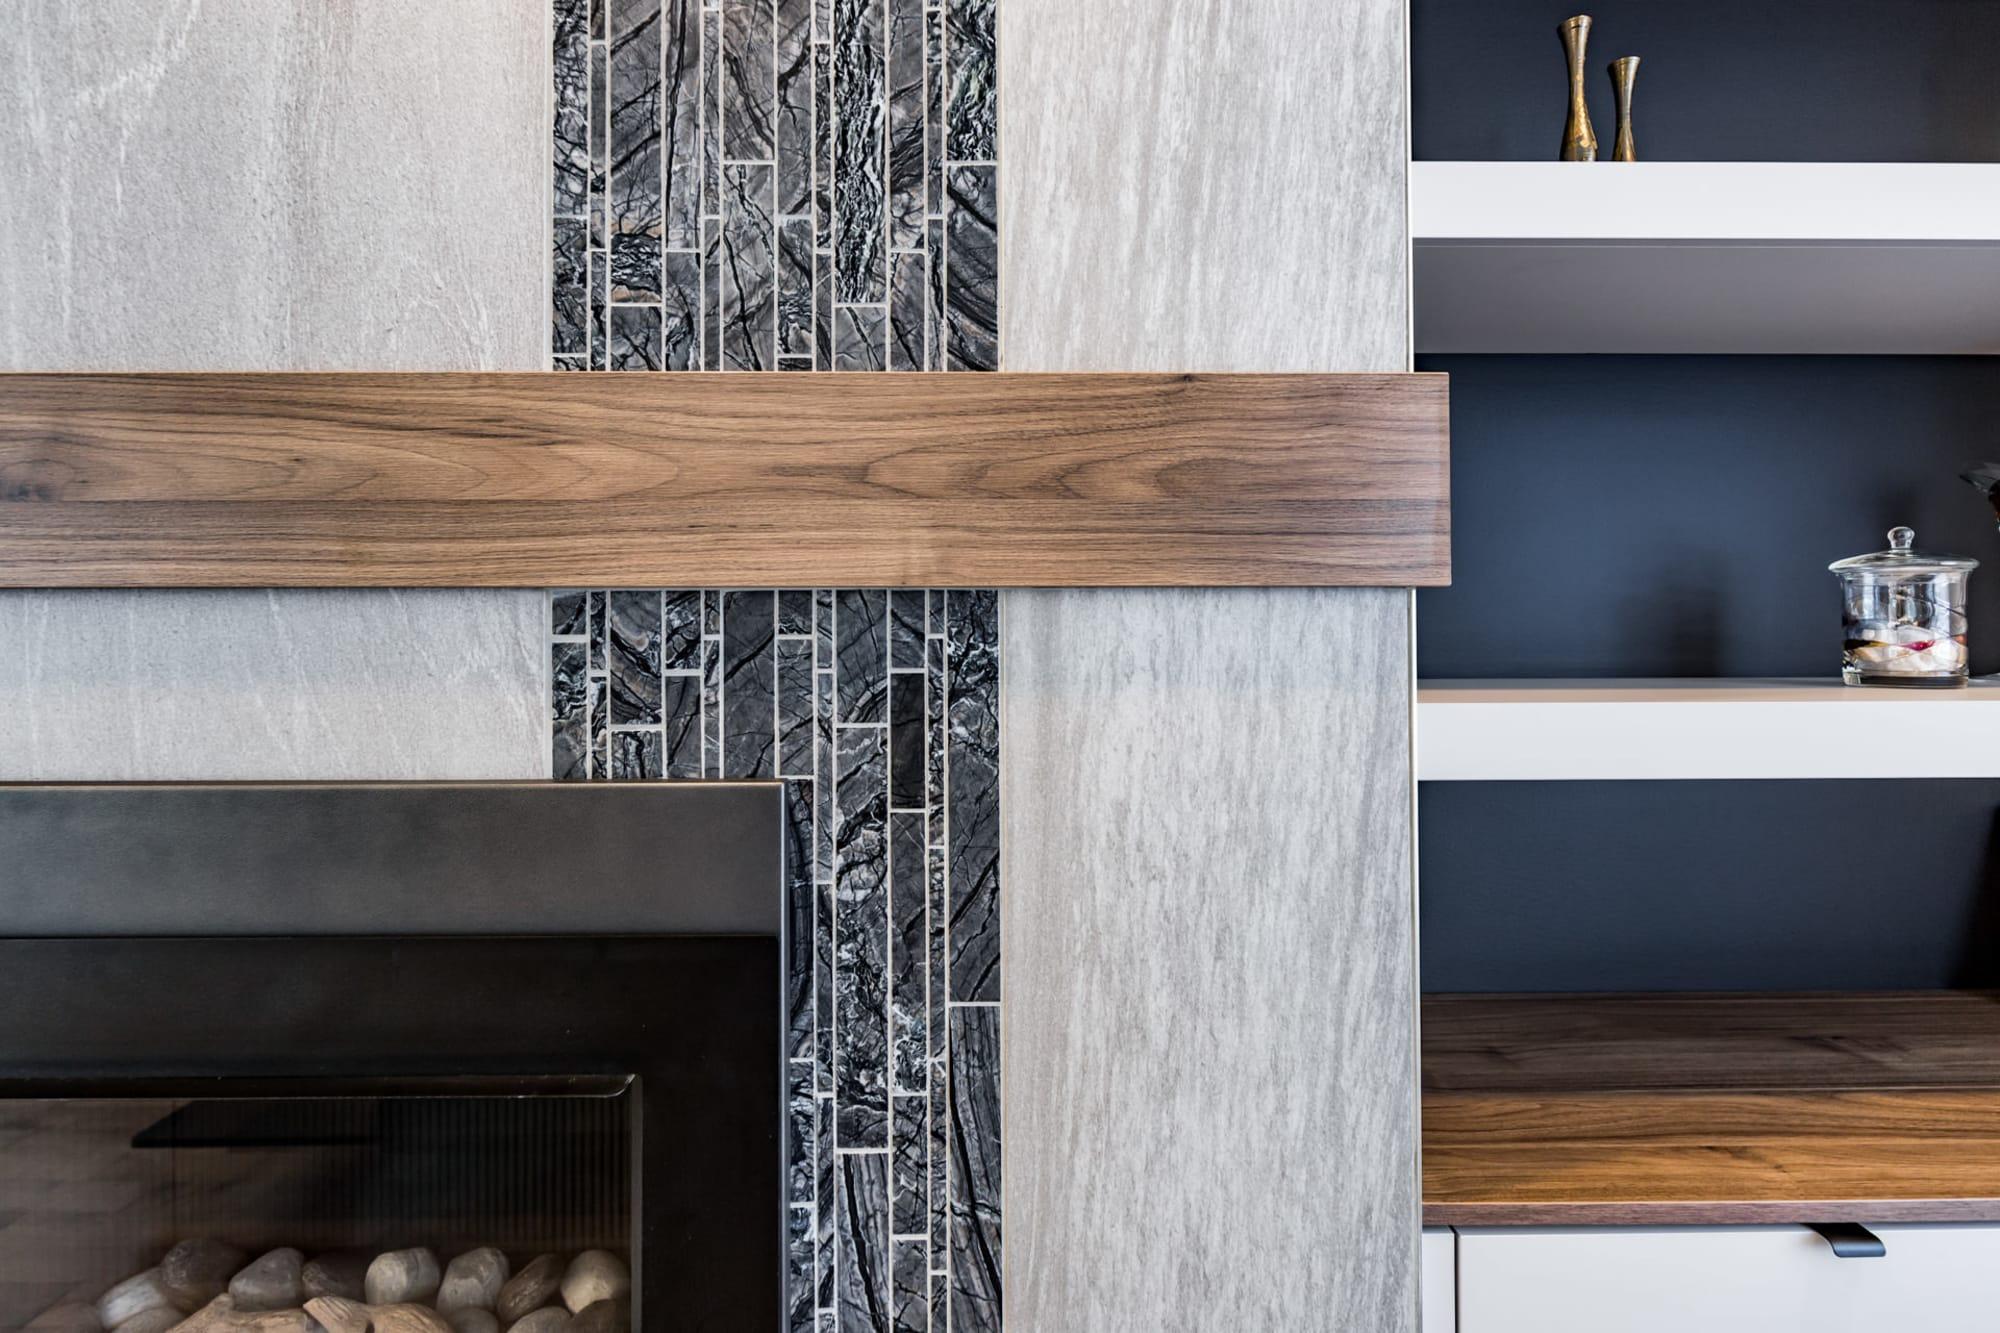 manteau de foyer en céramique pâle avec bordure en bois